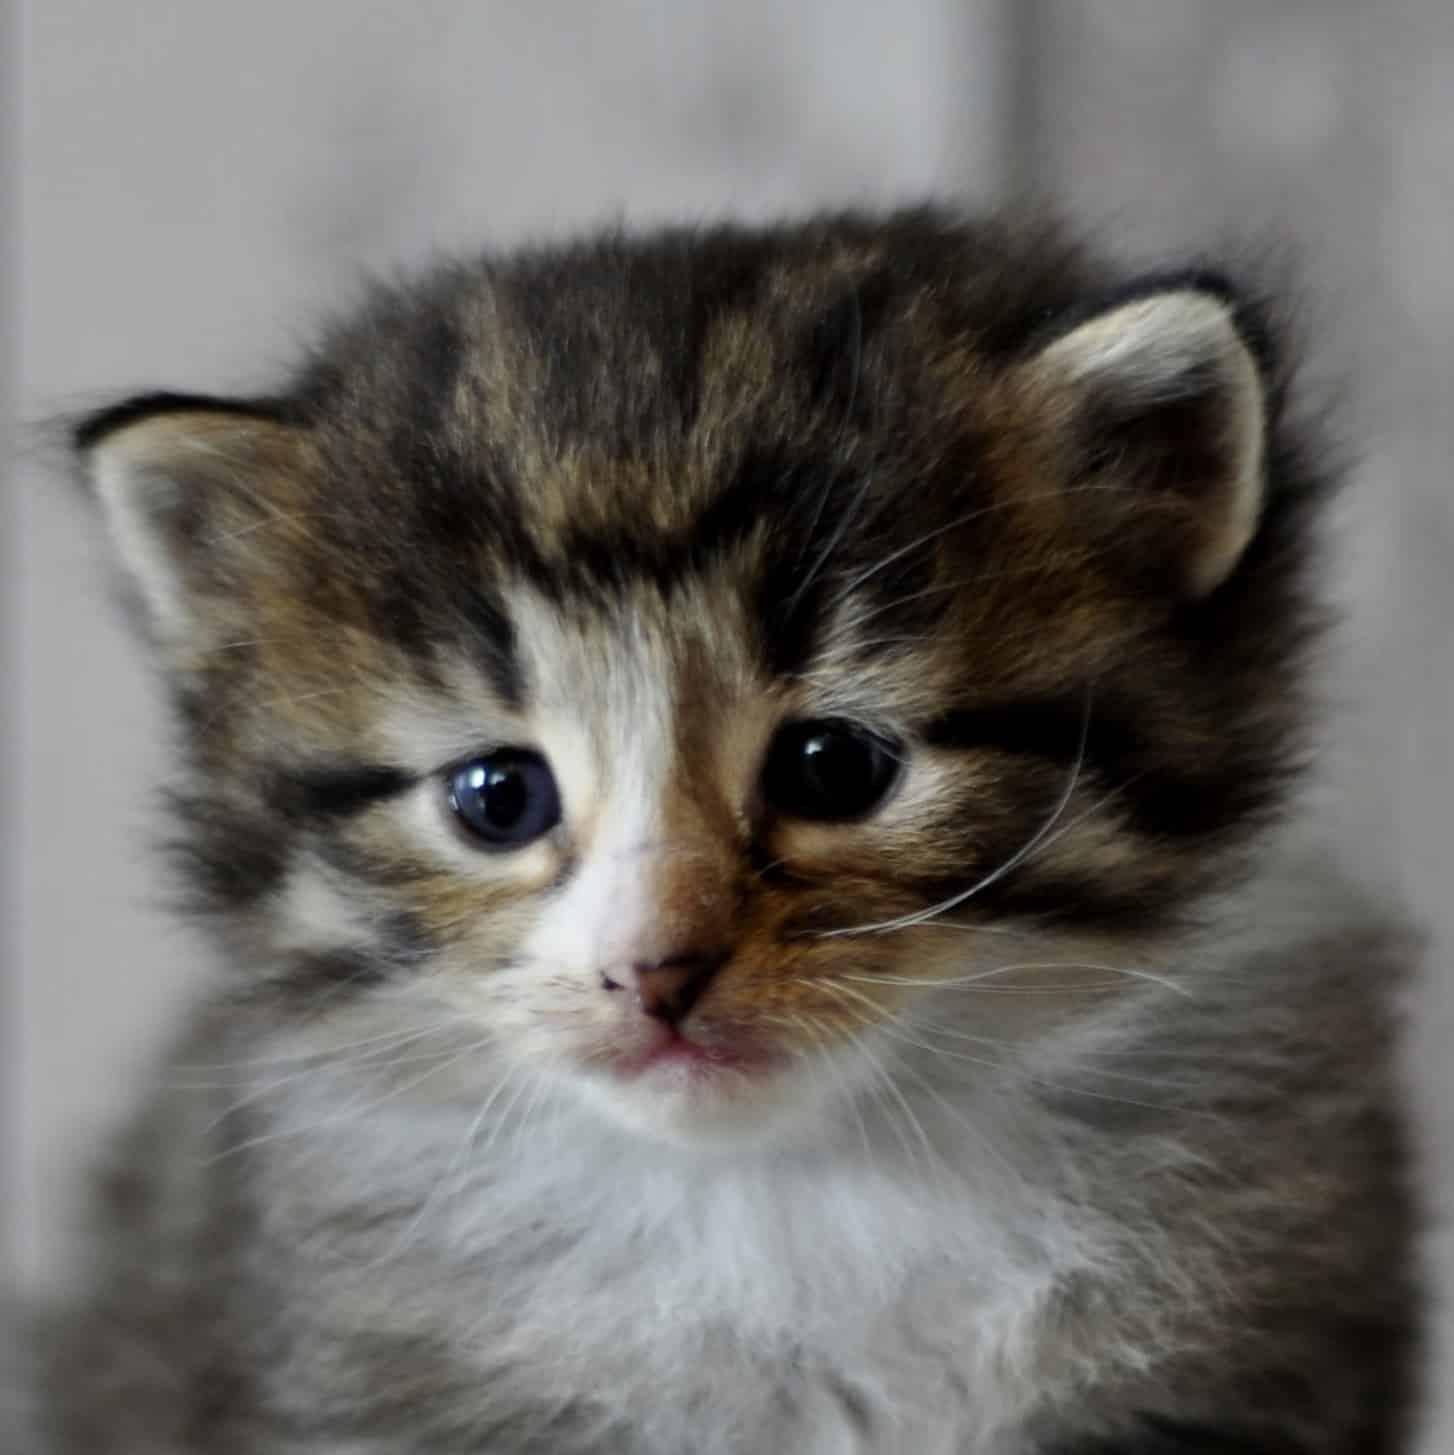 Koty norweskie leśne mają skośne oczy